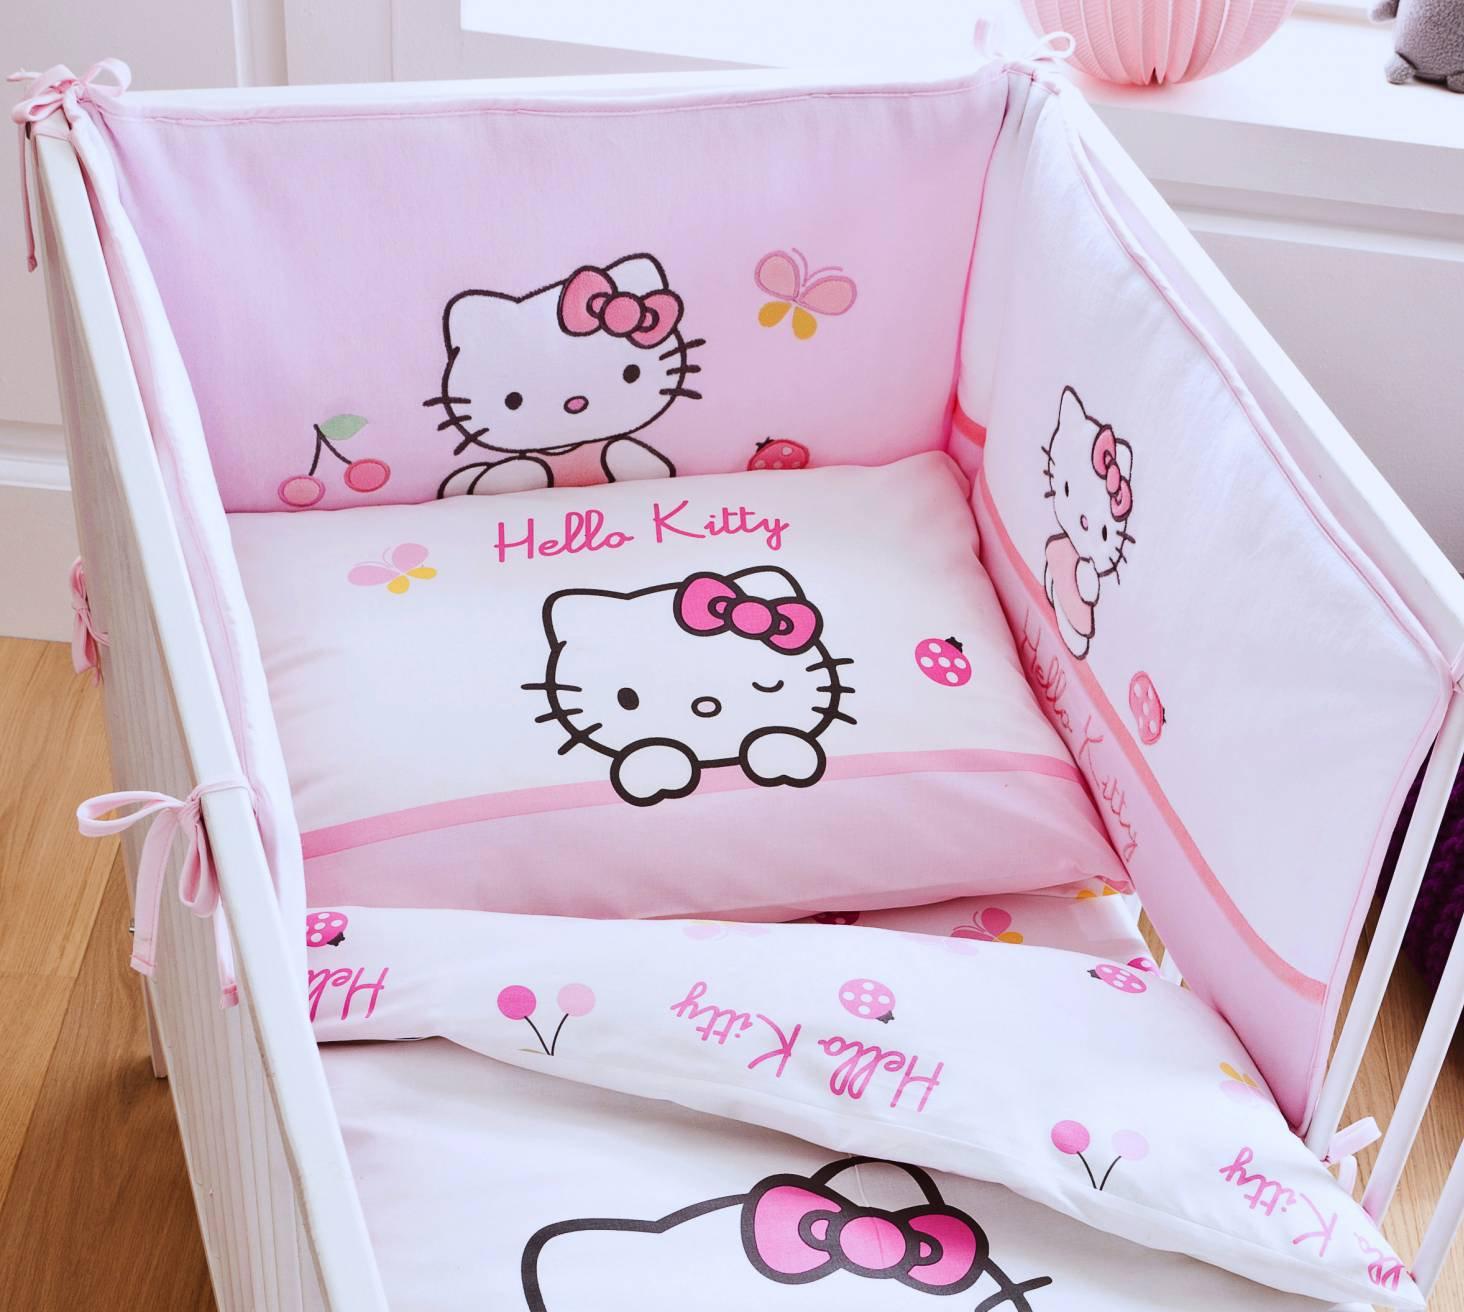 tour de lit b b c 39 est un accessoire indispensable pour la chambre de mon tout petit. Black Bedroom Furniture Sets. Home Design Ideas